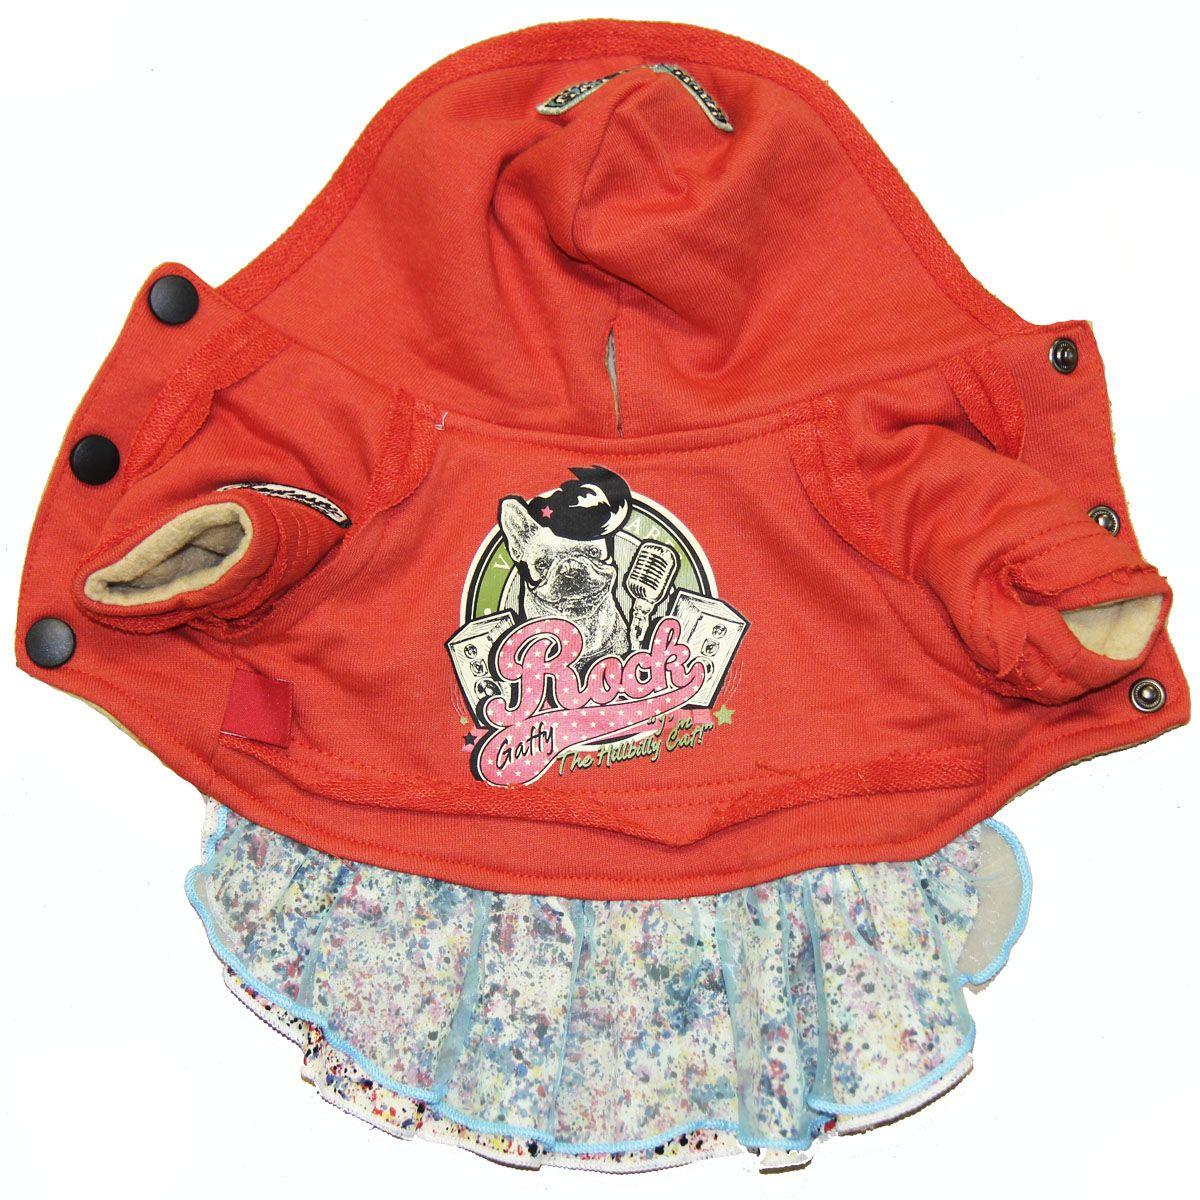 Костюм для собак Gaffy Pet  Rock Baby . Размер XS - Одежда, обувь, украшения